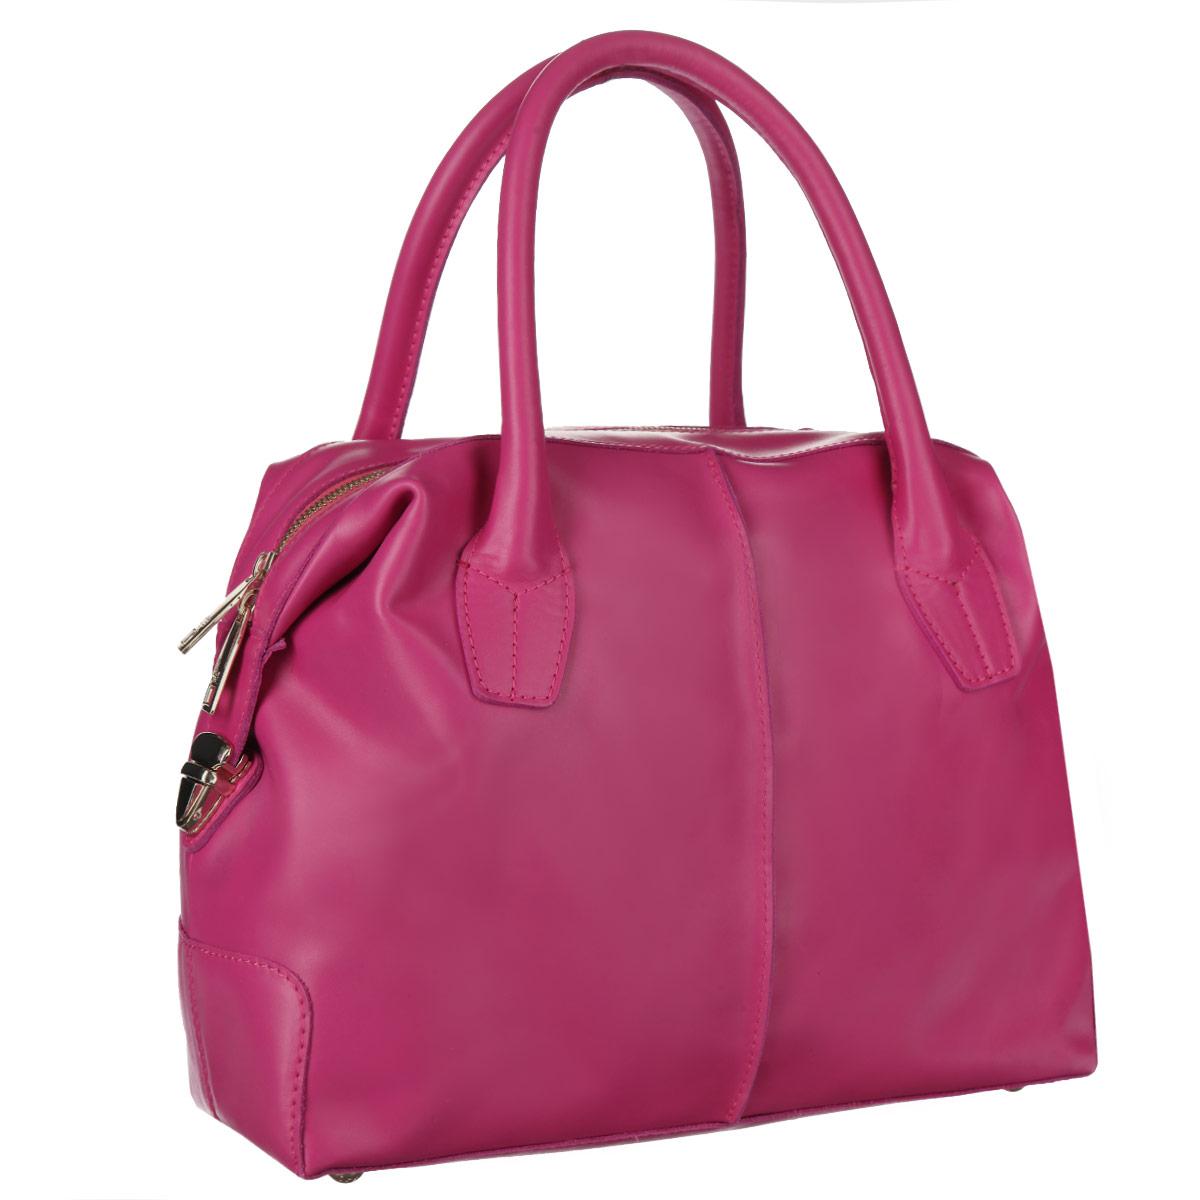 Купить светлую кожаную сумку из Италии недорого